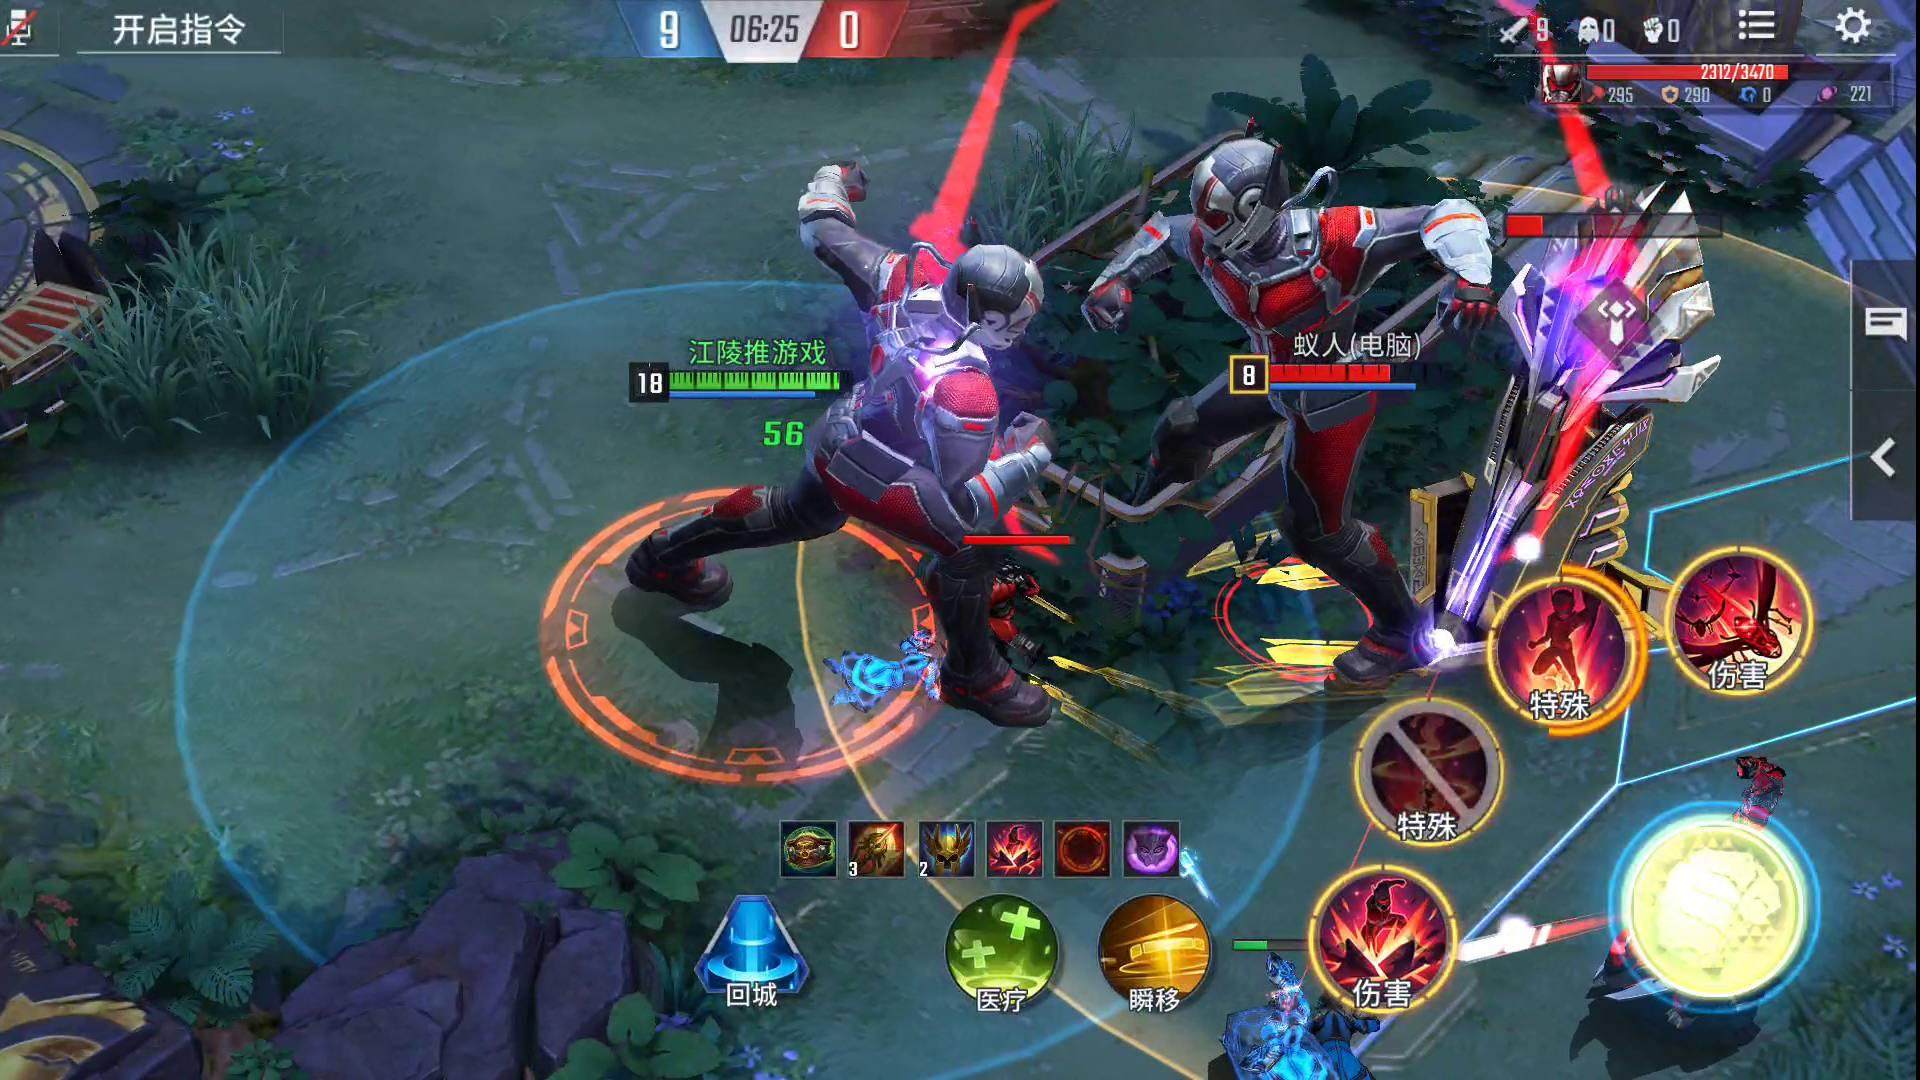 漫威MOBA手游试玩:新英雄蚁人上线!技能一开,比防御塔还高还大